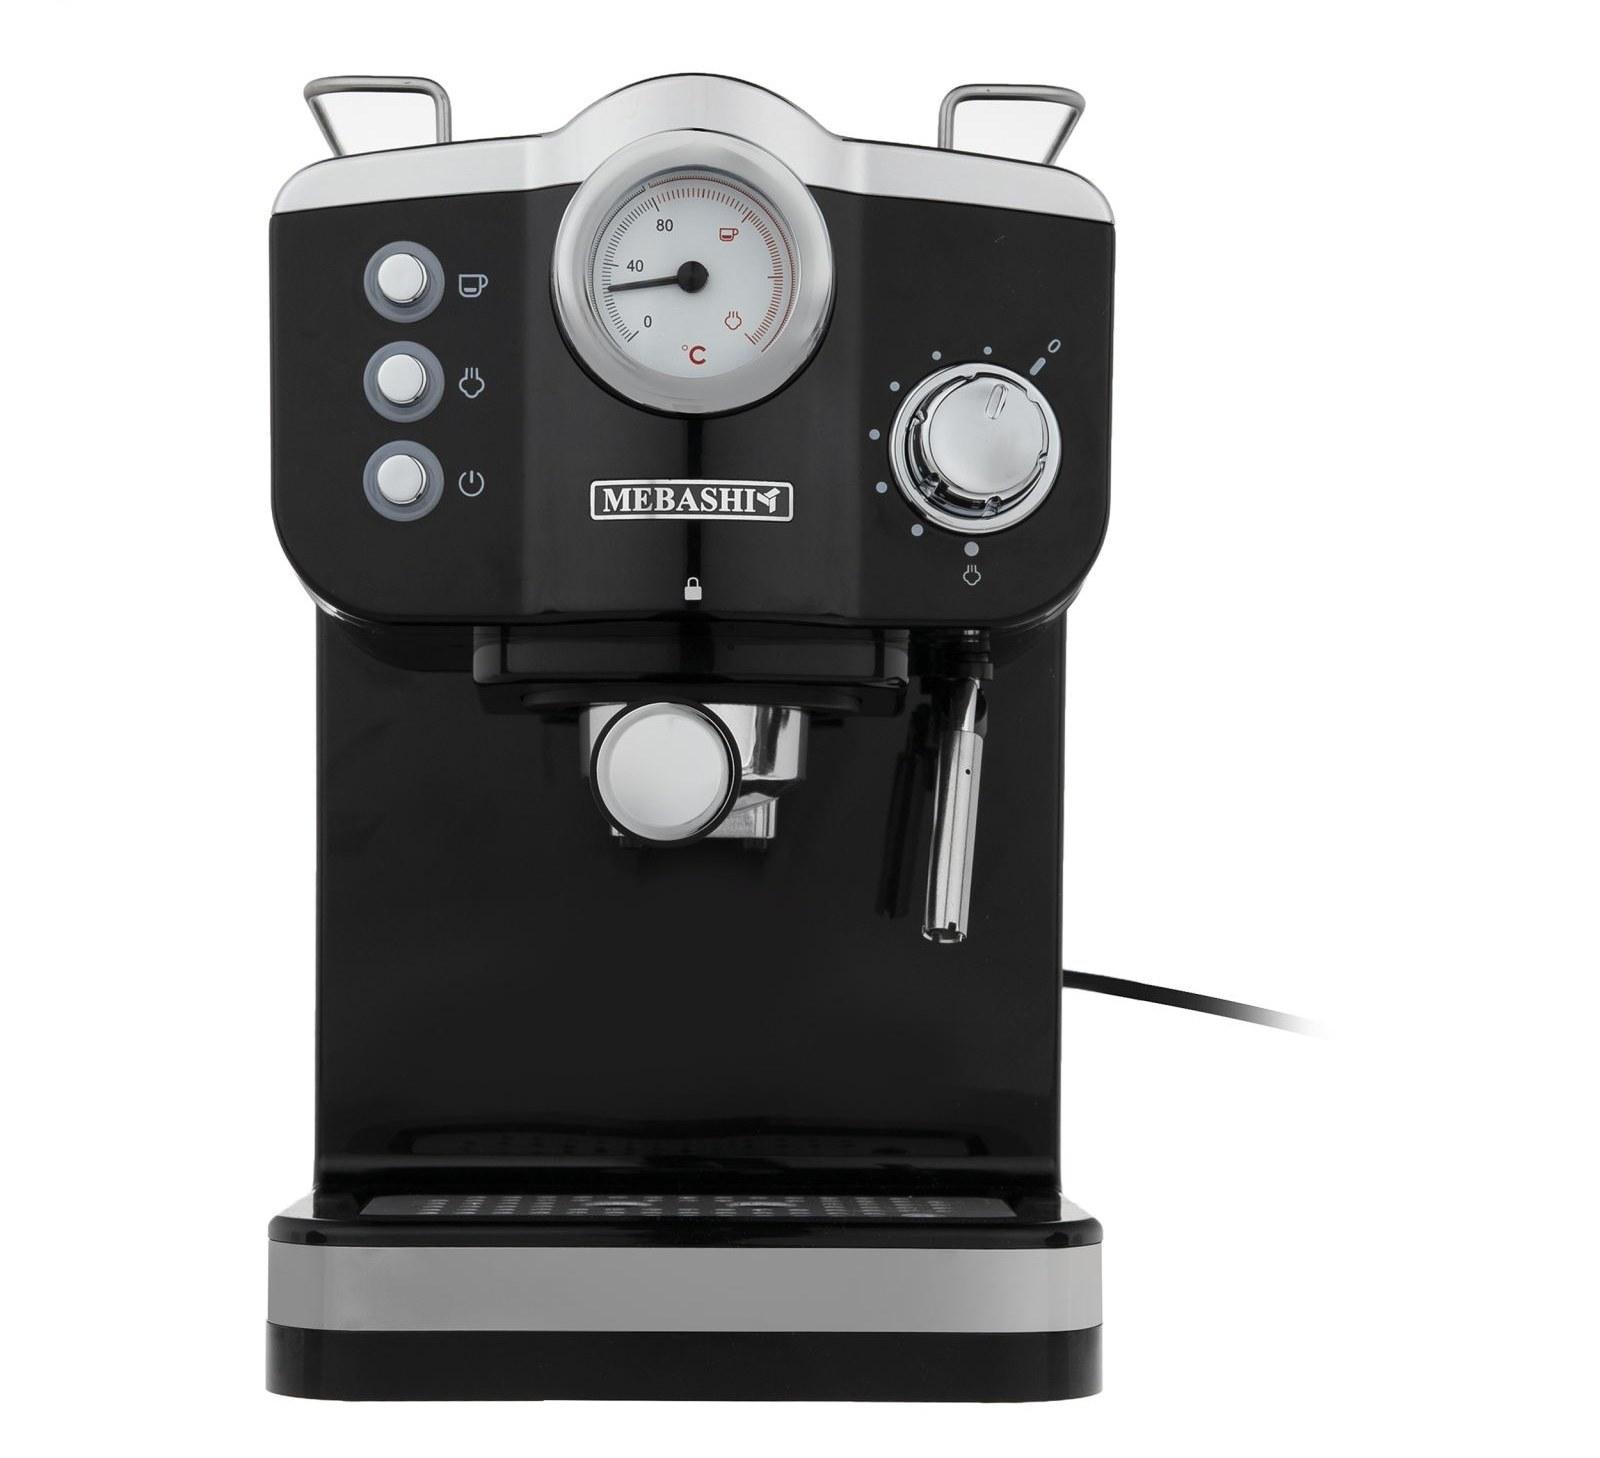 تصویر اسپرسوساز مباشی مدل MEBASHI ME-ECM2015 MEBASHI Espresso Maker ME-ECM2015